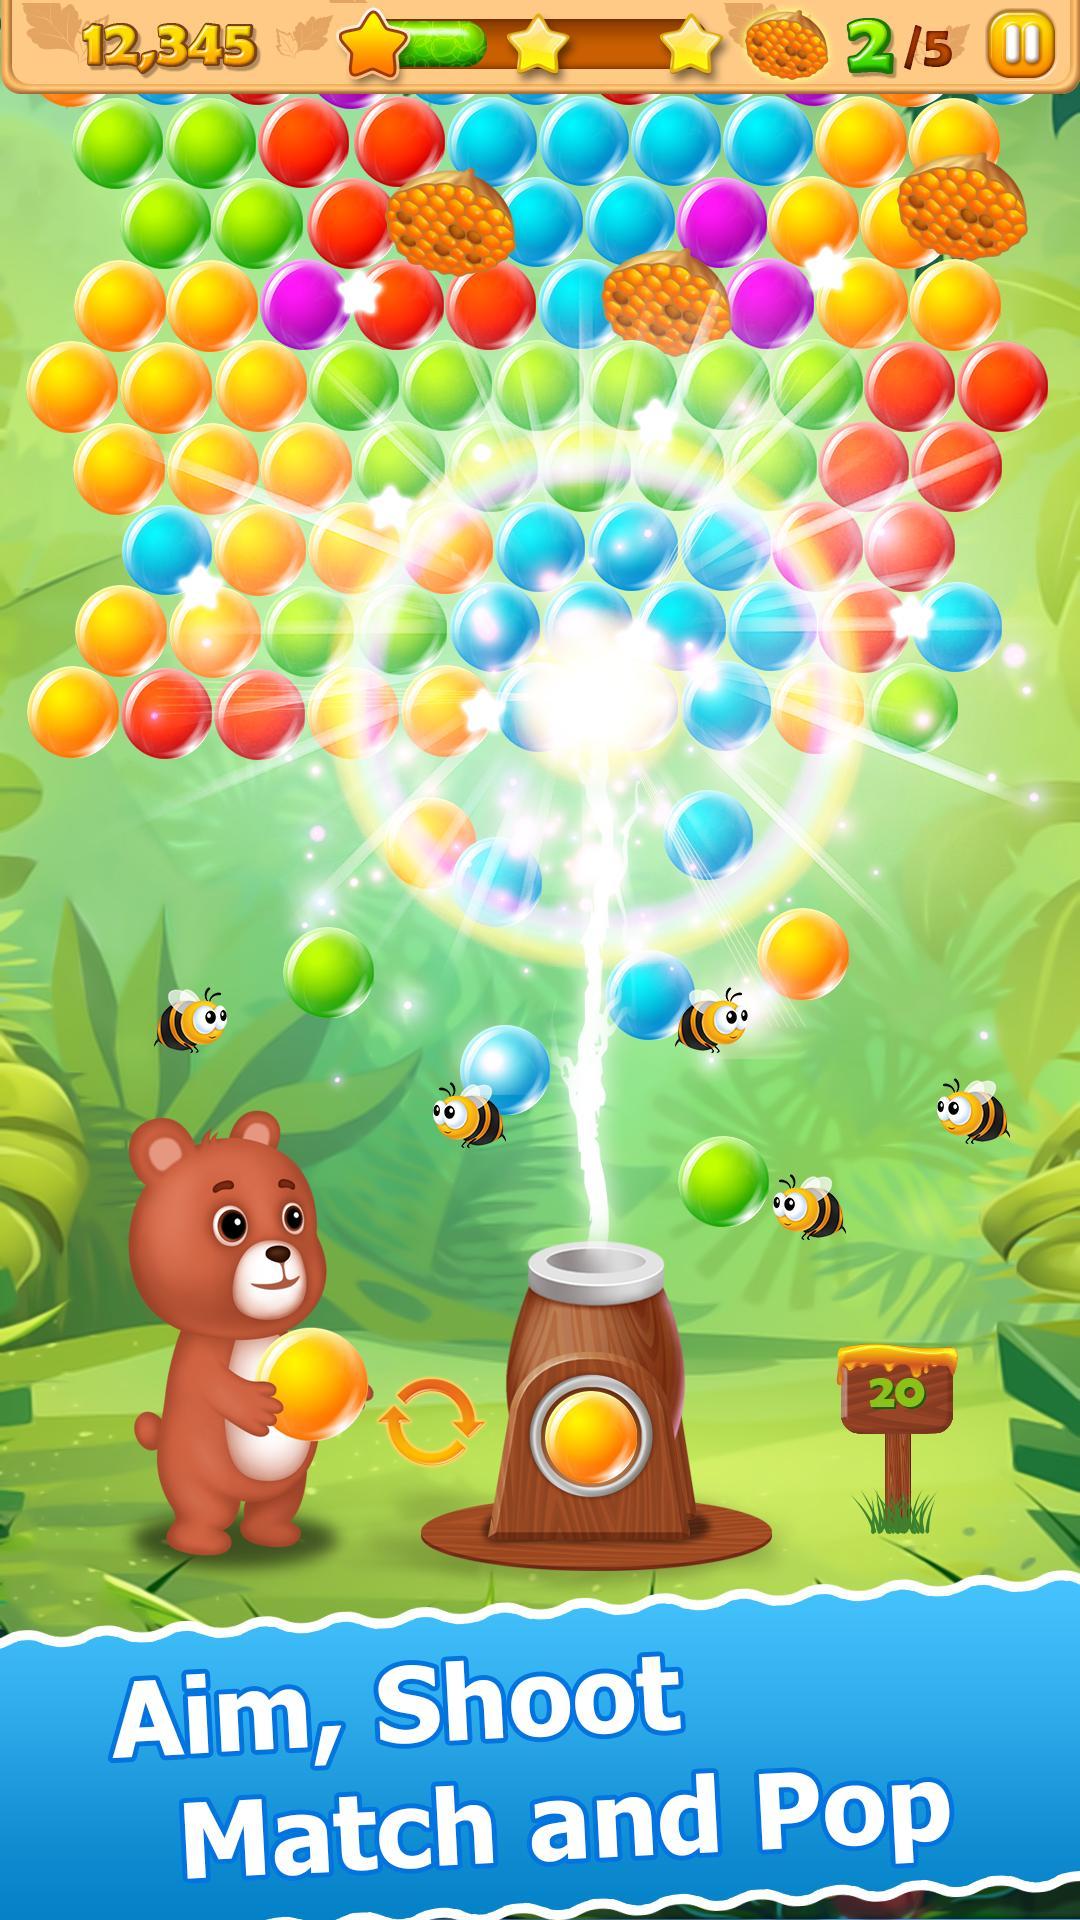 Jeux De Bulles - Bubble Shooter Pour Android - Téléchargez L'apk concernant Jeux Des Bulles